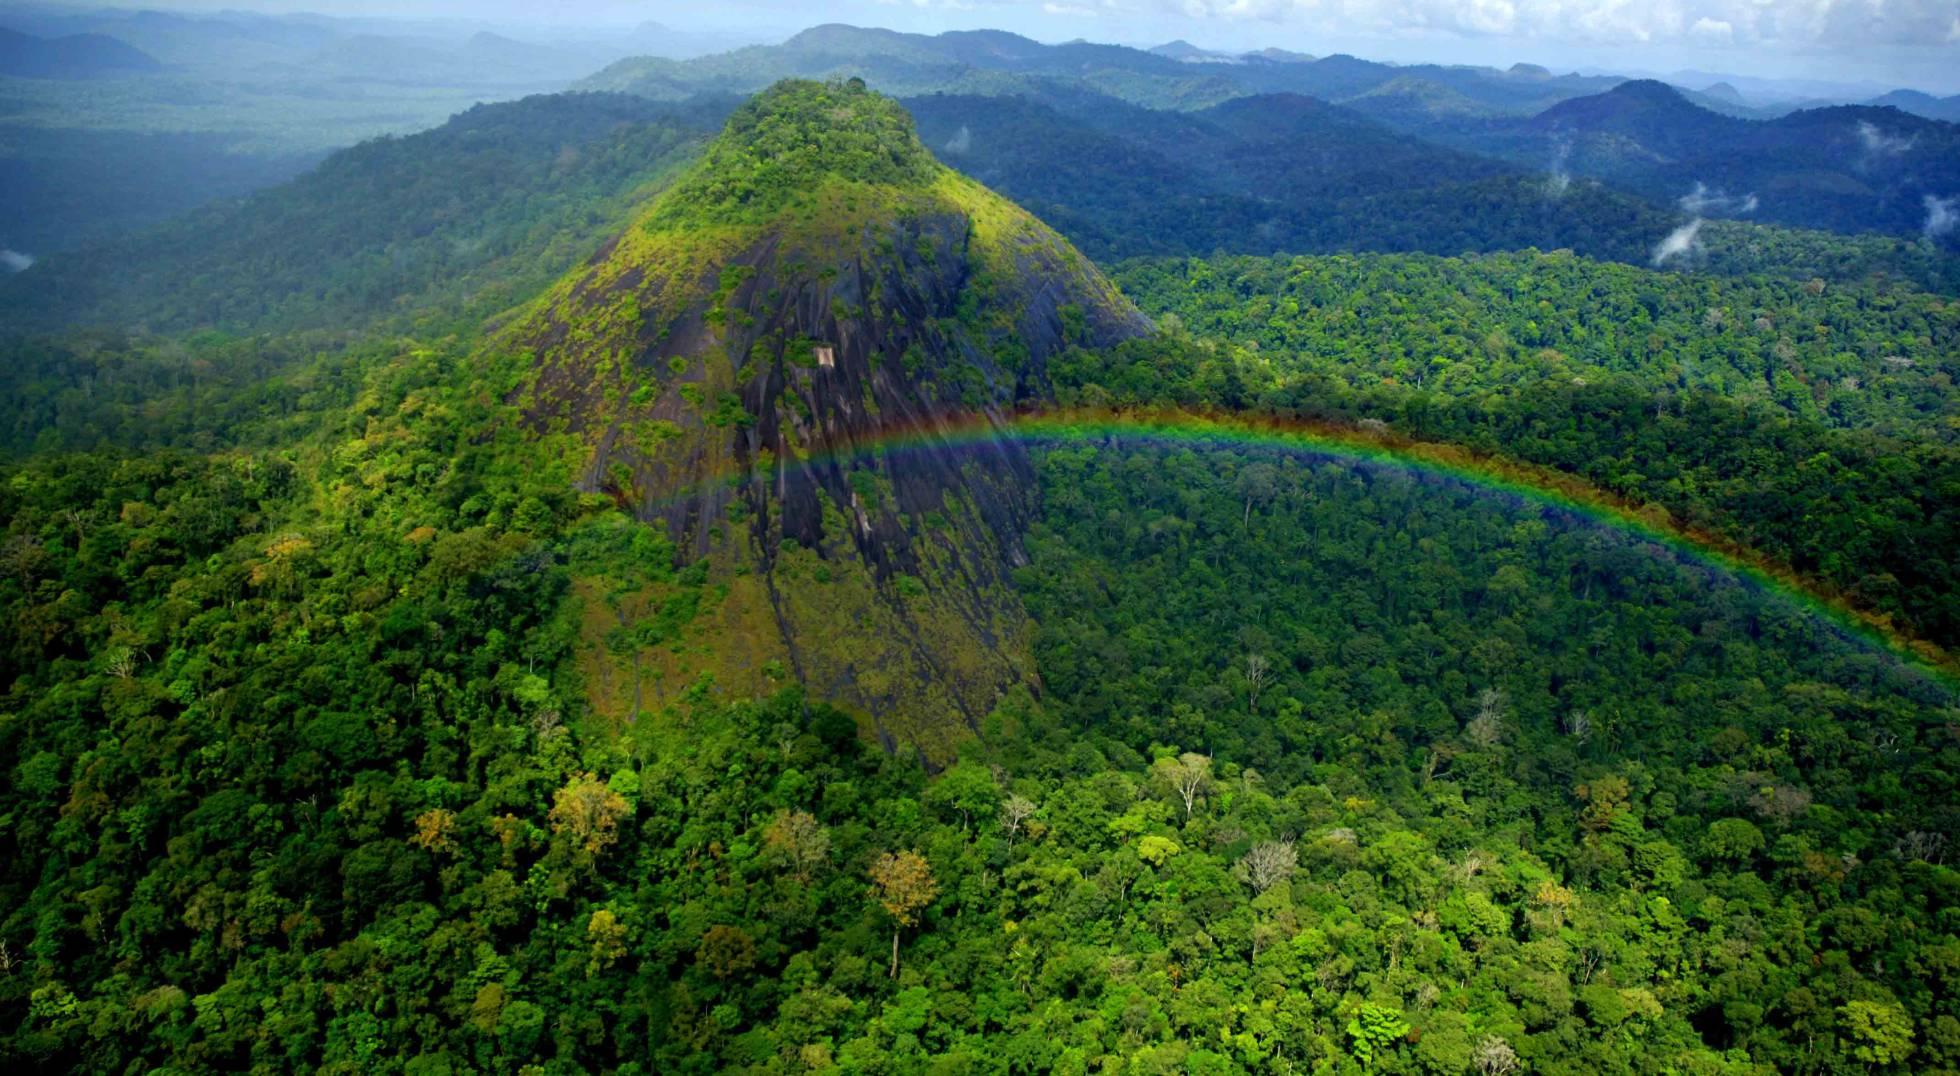 Vista do parque Nacional Montanhas do Tumucumaque, no Amapá. (Foto Acervo ICMBio)